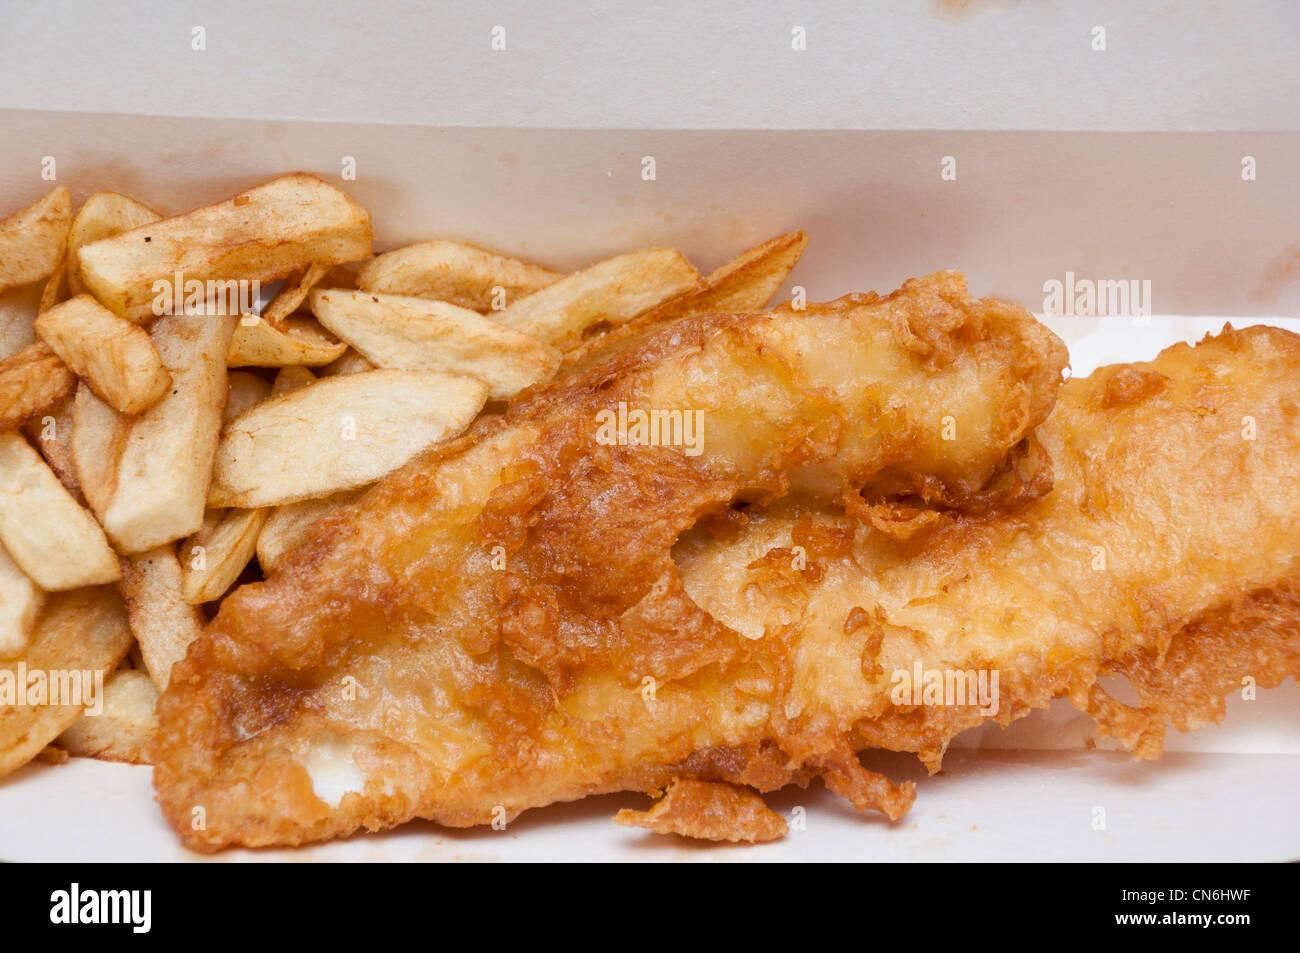 Pesce e Patatine inglesi cibo da asporto. Immagini Stock